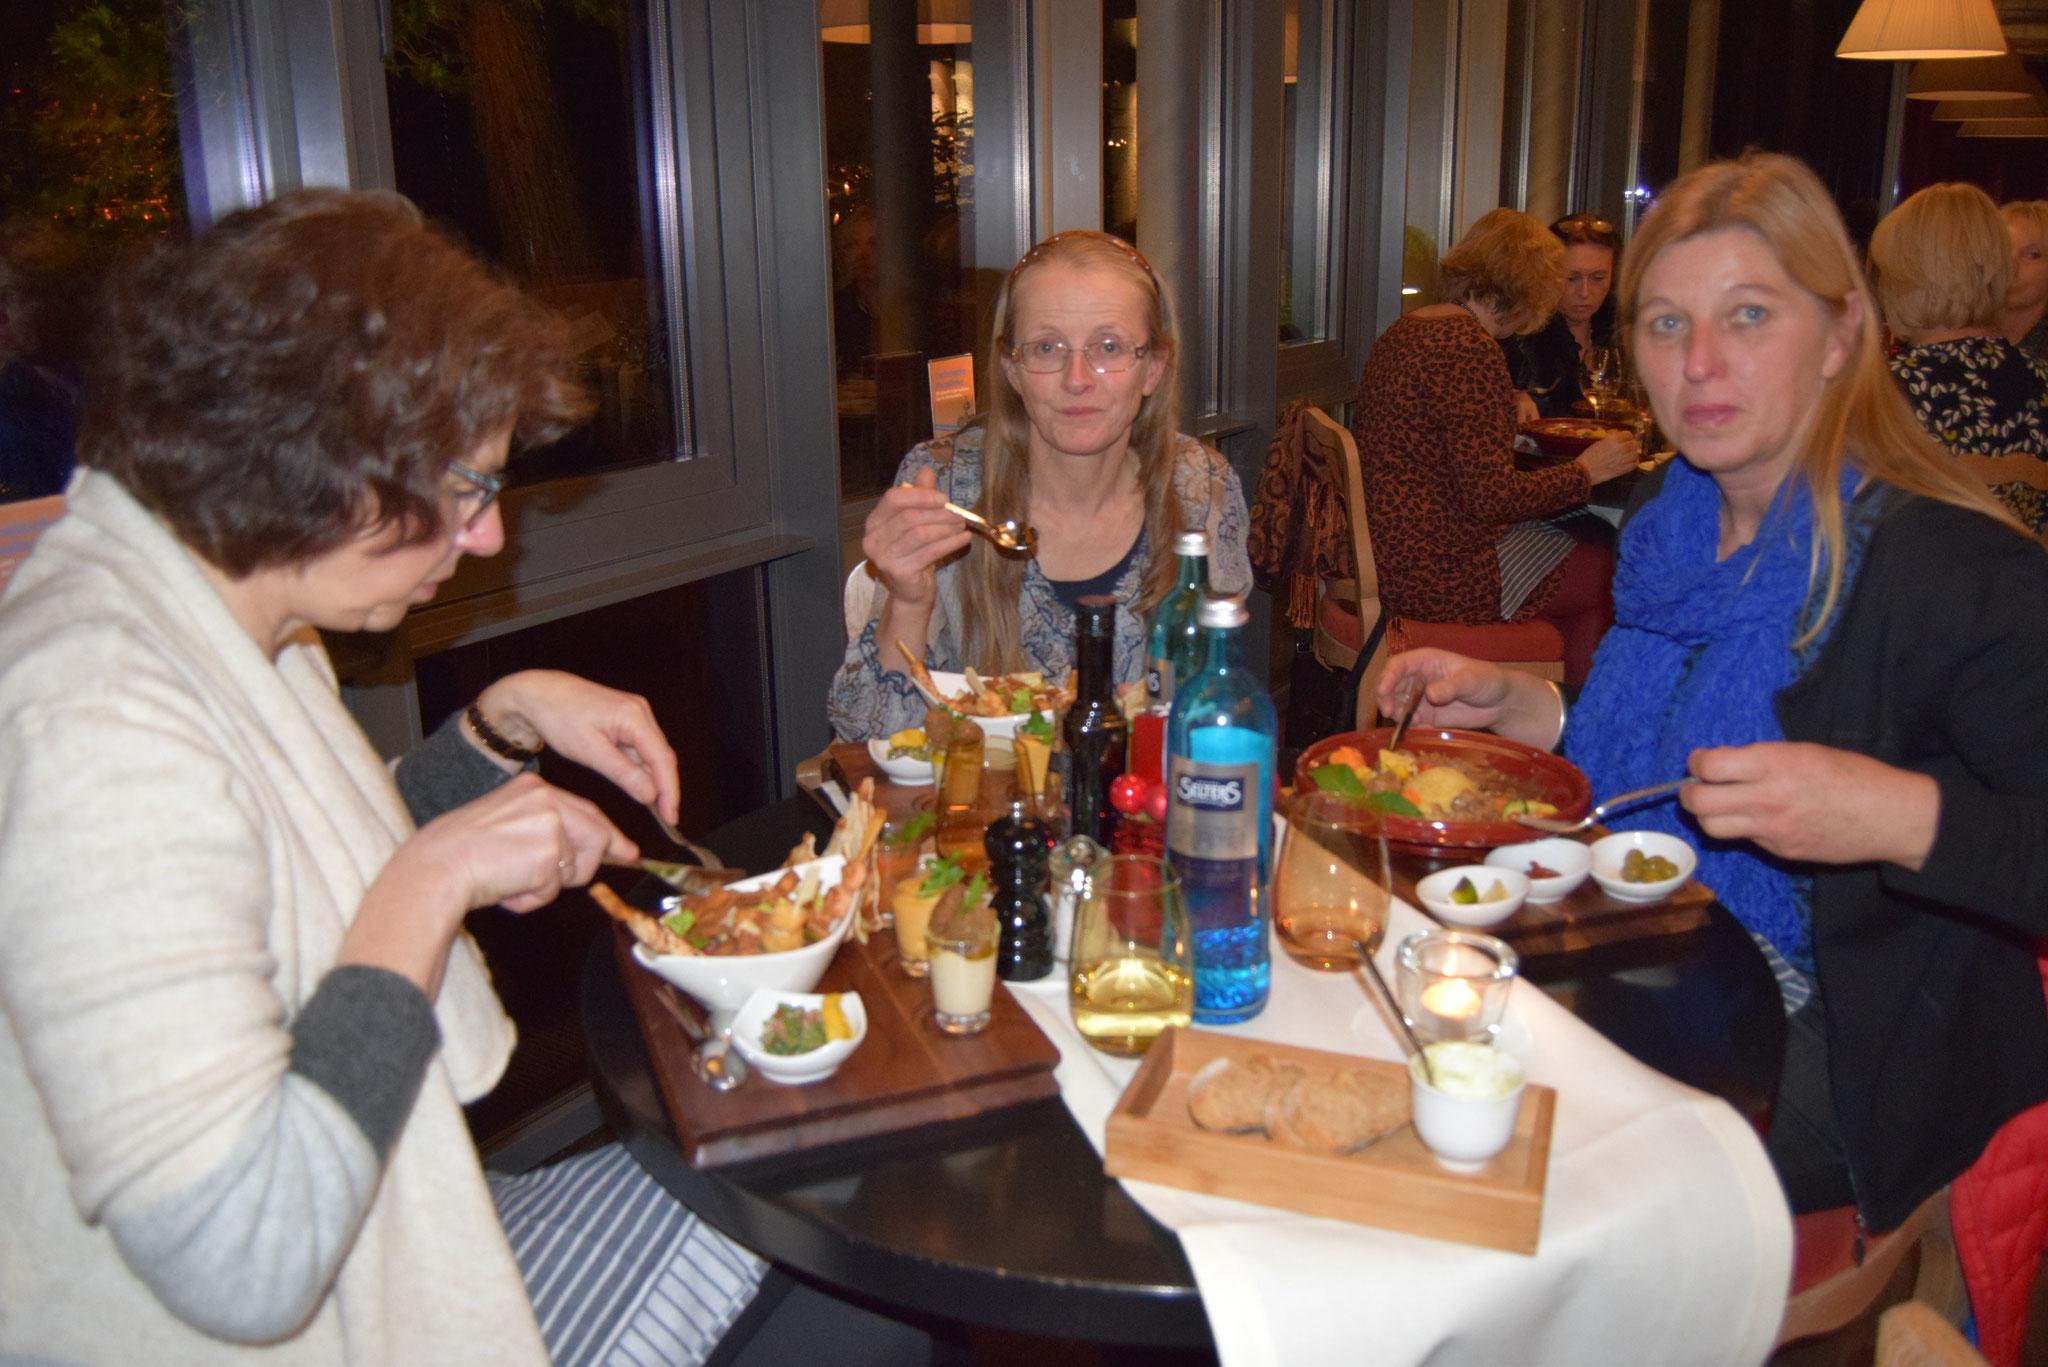 12-16 Weihnachtsessen im Rive Gauche Baden-Baden